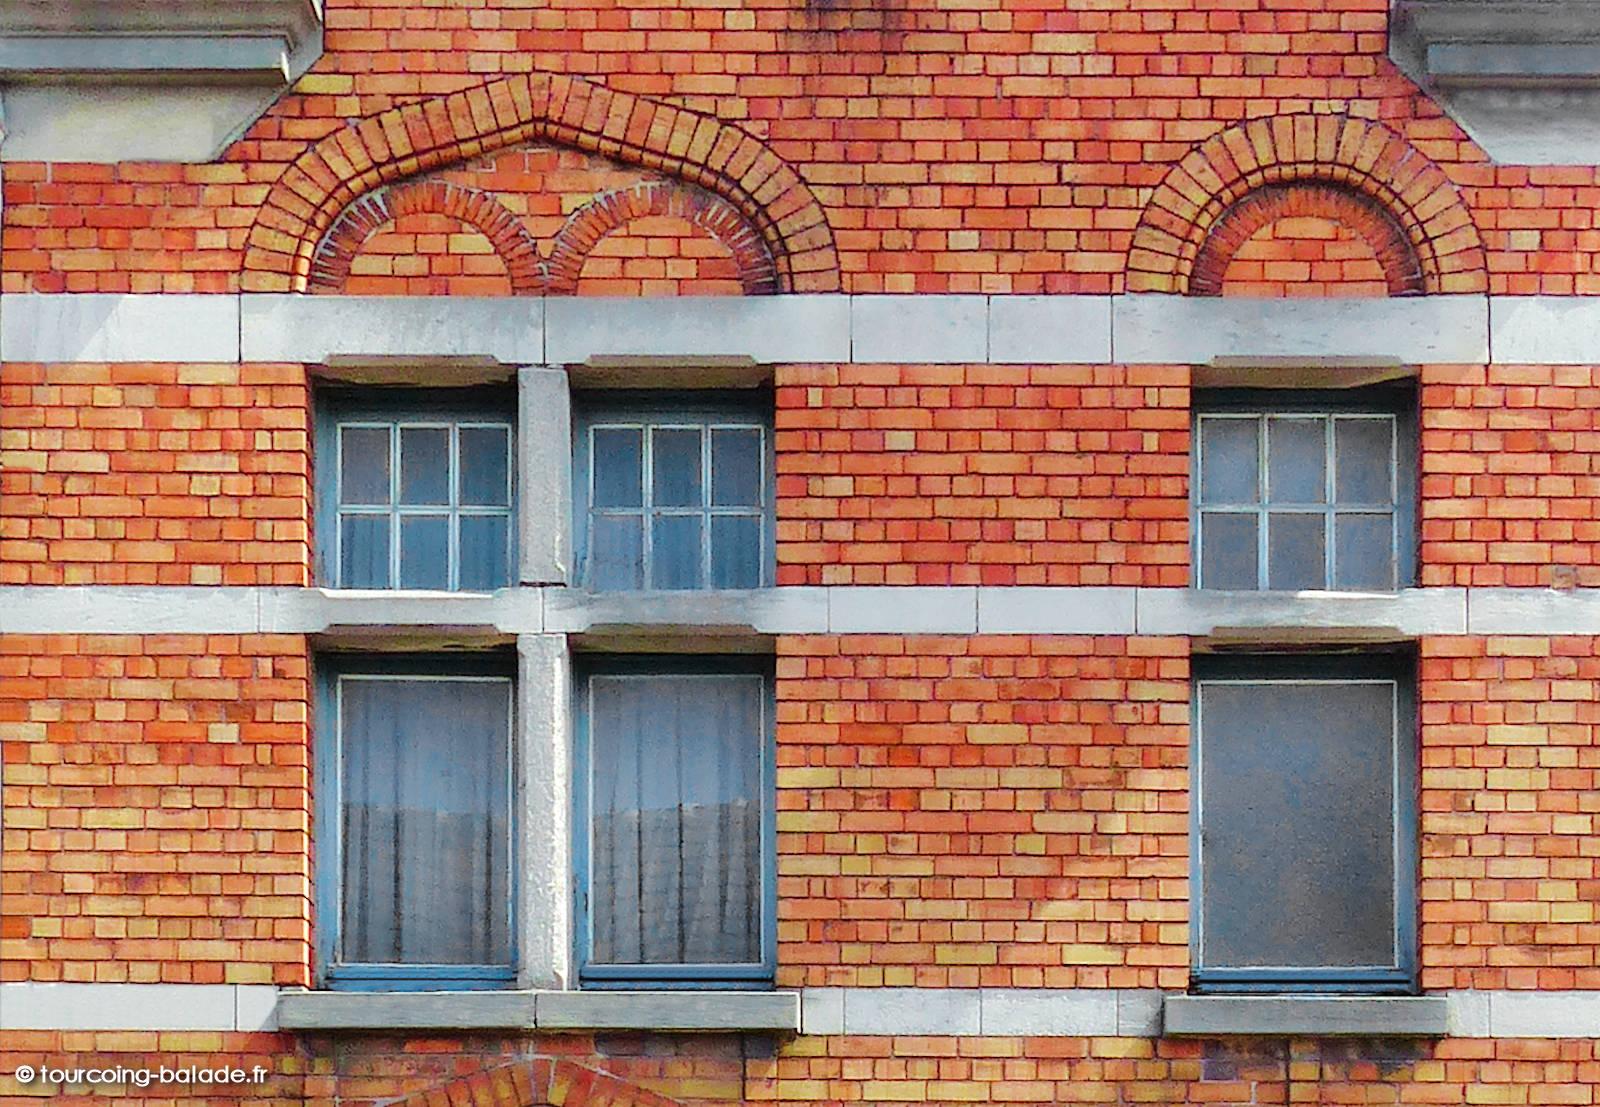 Architecture Tourcoing - Arcs de décharges néo-flamand, Blanc Seau 2019